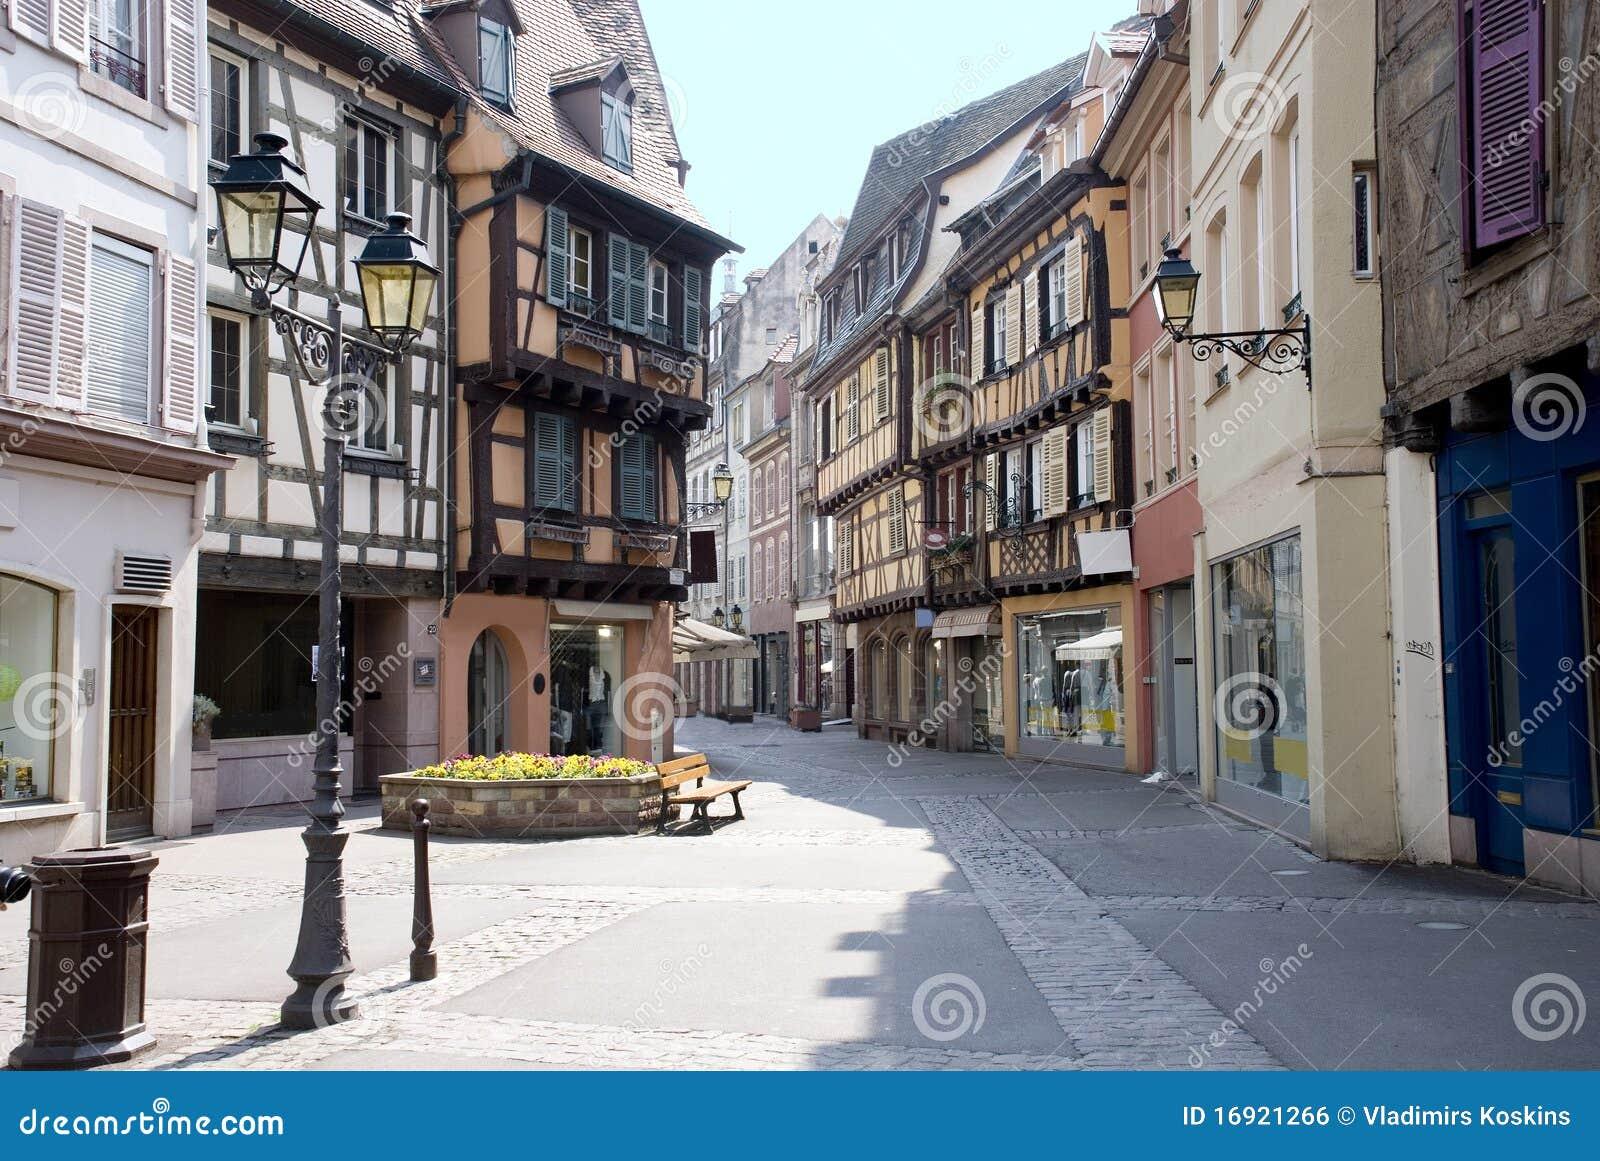 frankreich colmar mittelalterliche stadt stockfoto bild 16921266. Black Bedroom Furniture Sets. Home Design Ideas